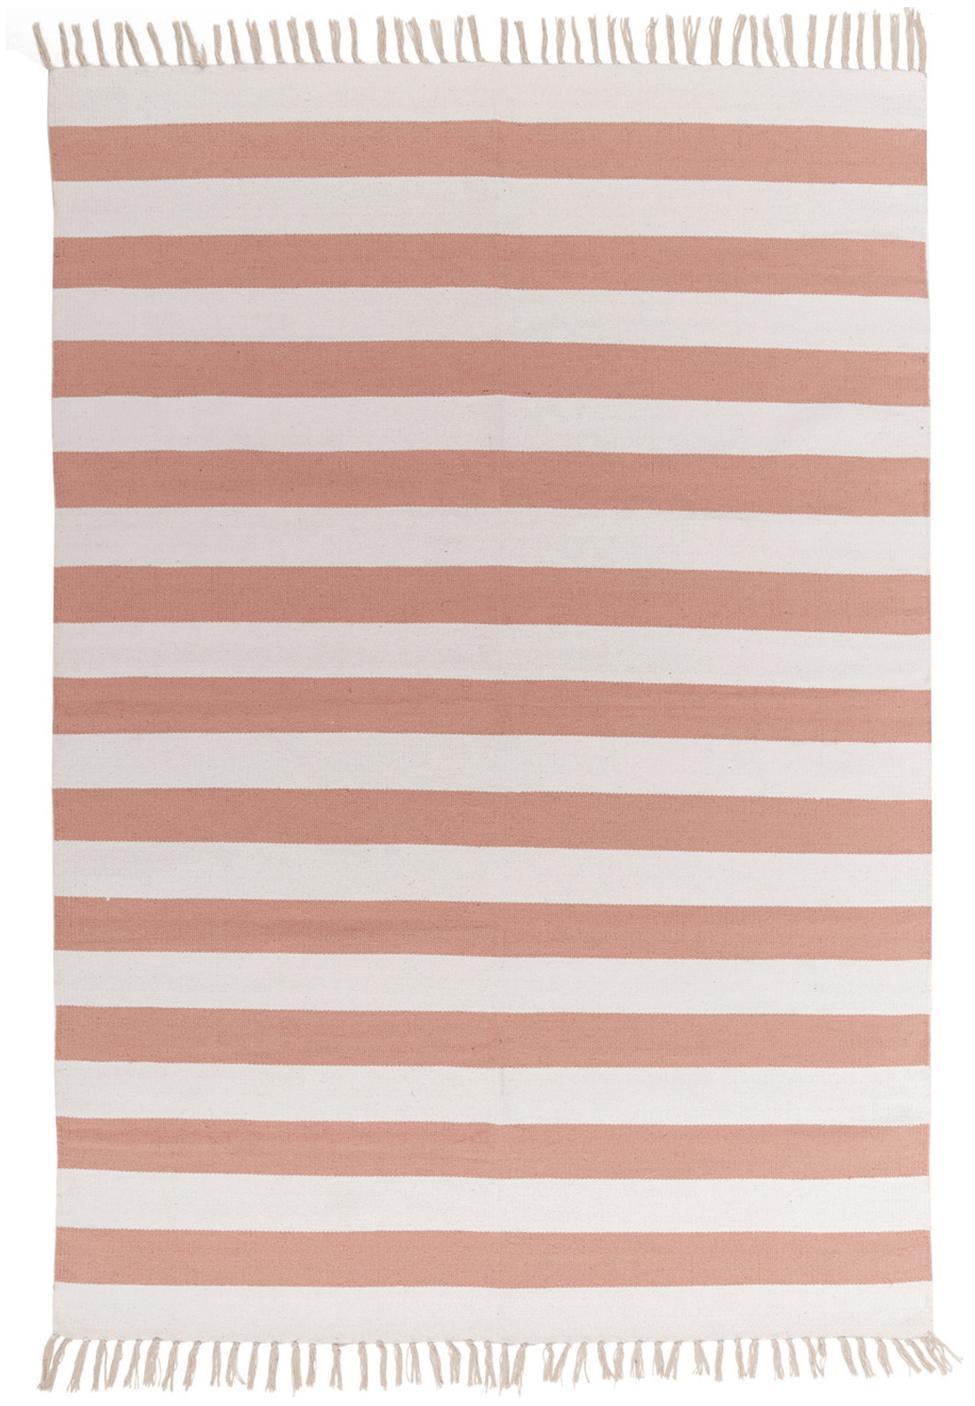 Tappeto a righe Malte, Rosso corallo, bianco, Larg. 140 x Lung. 200 cm (taglia S)